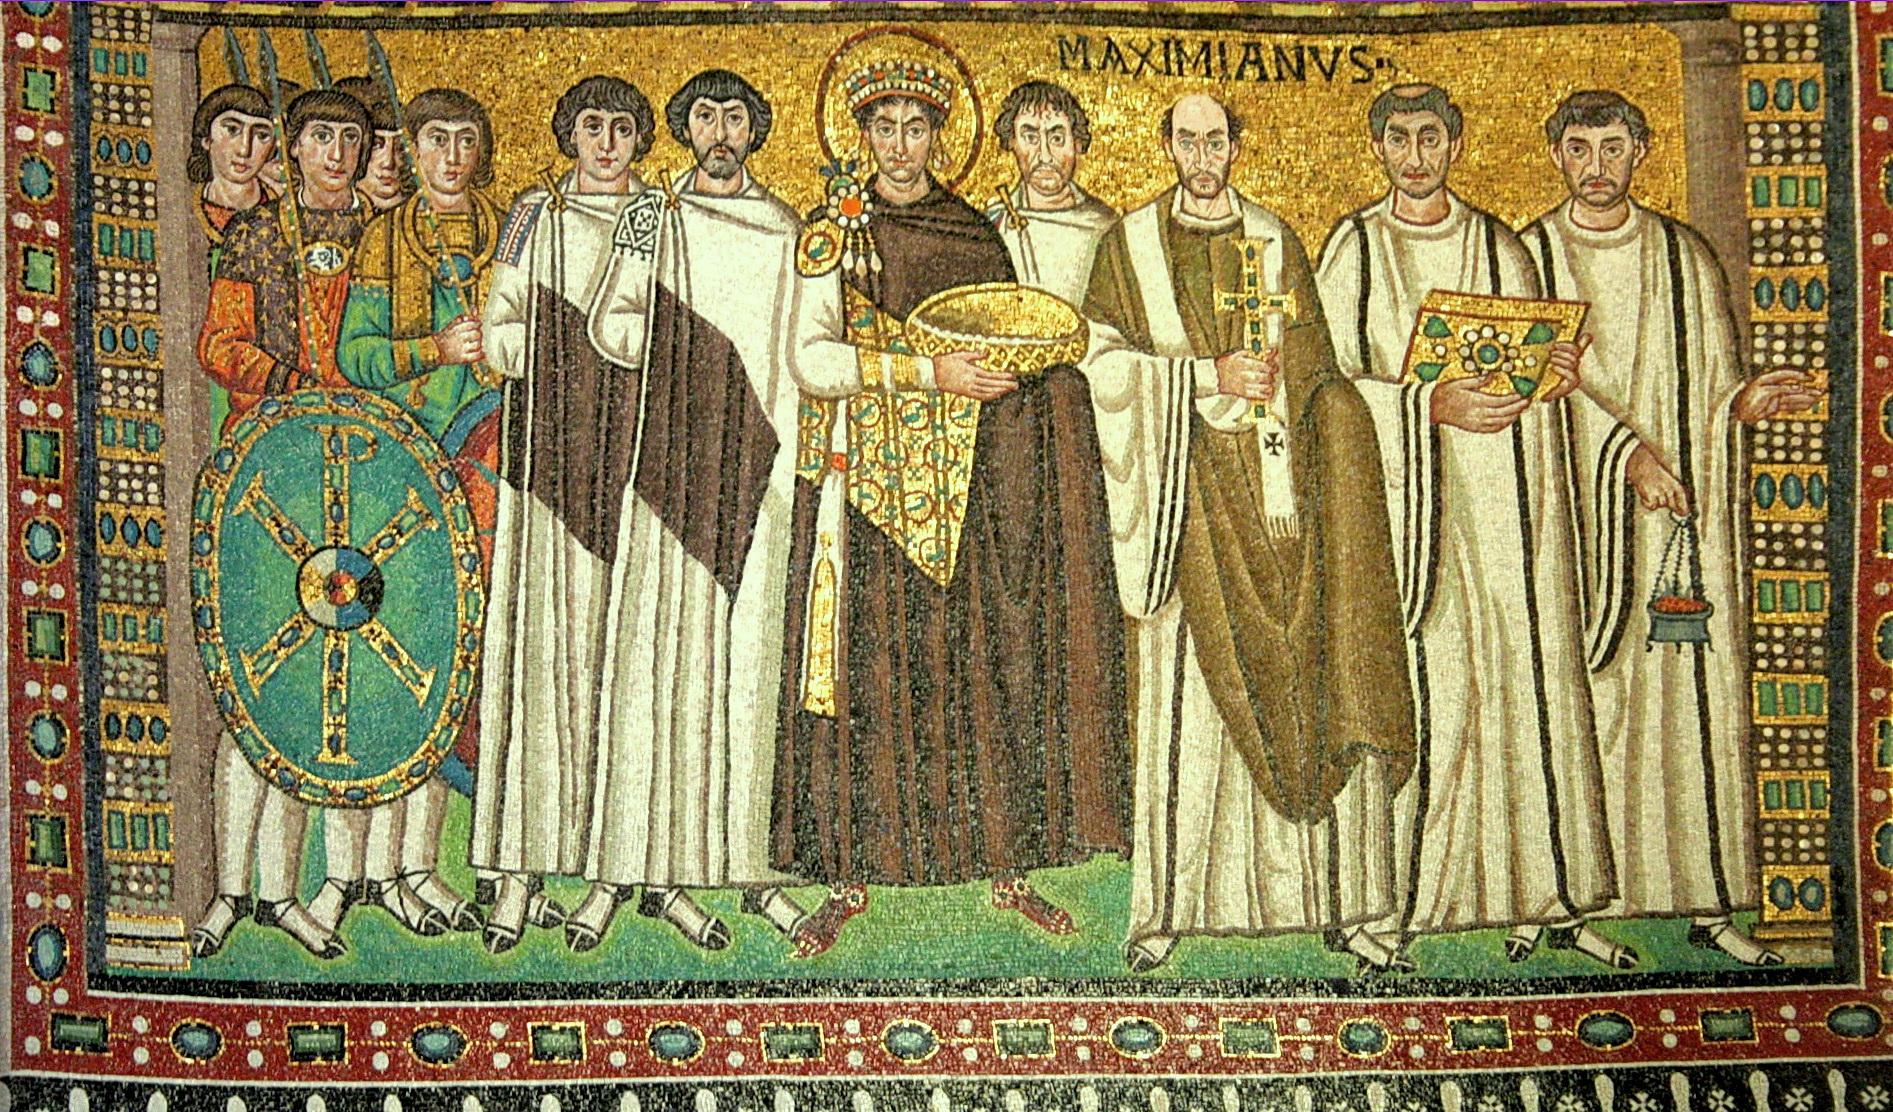 justinian was a byzantine emperor